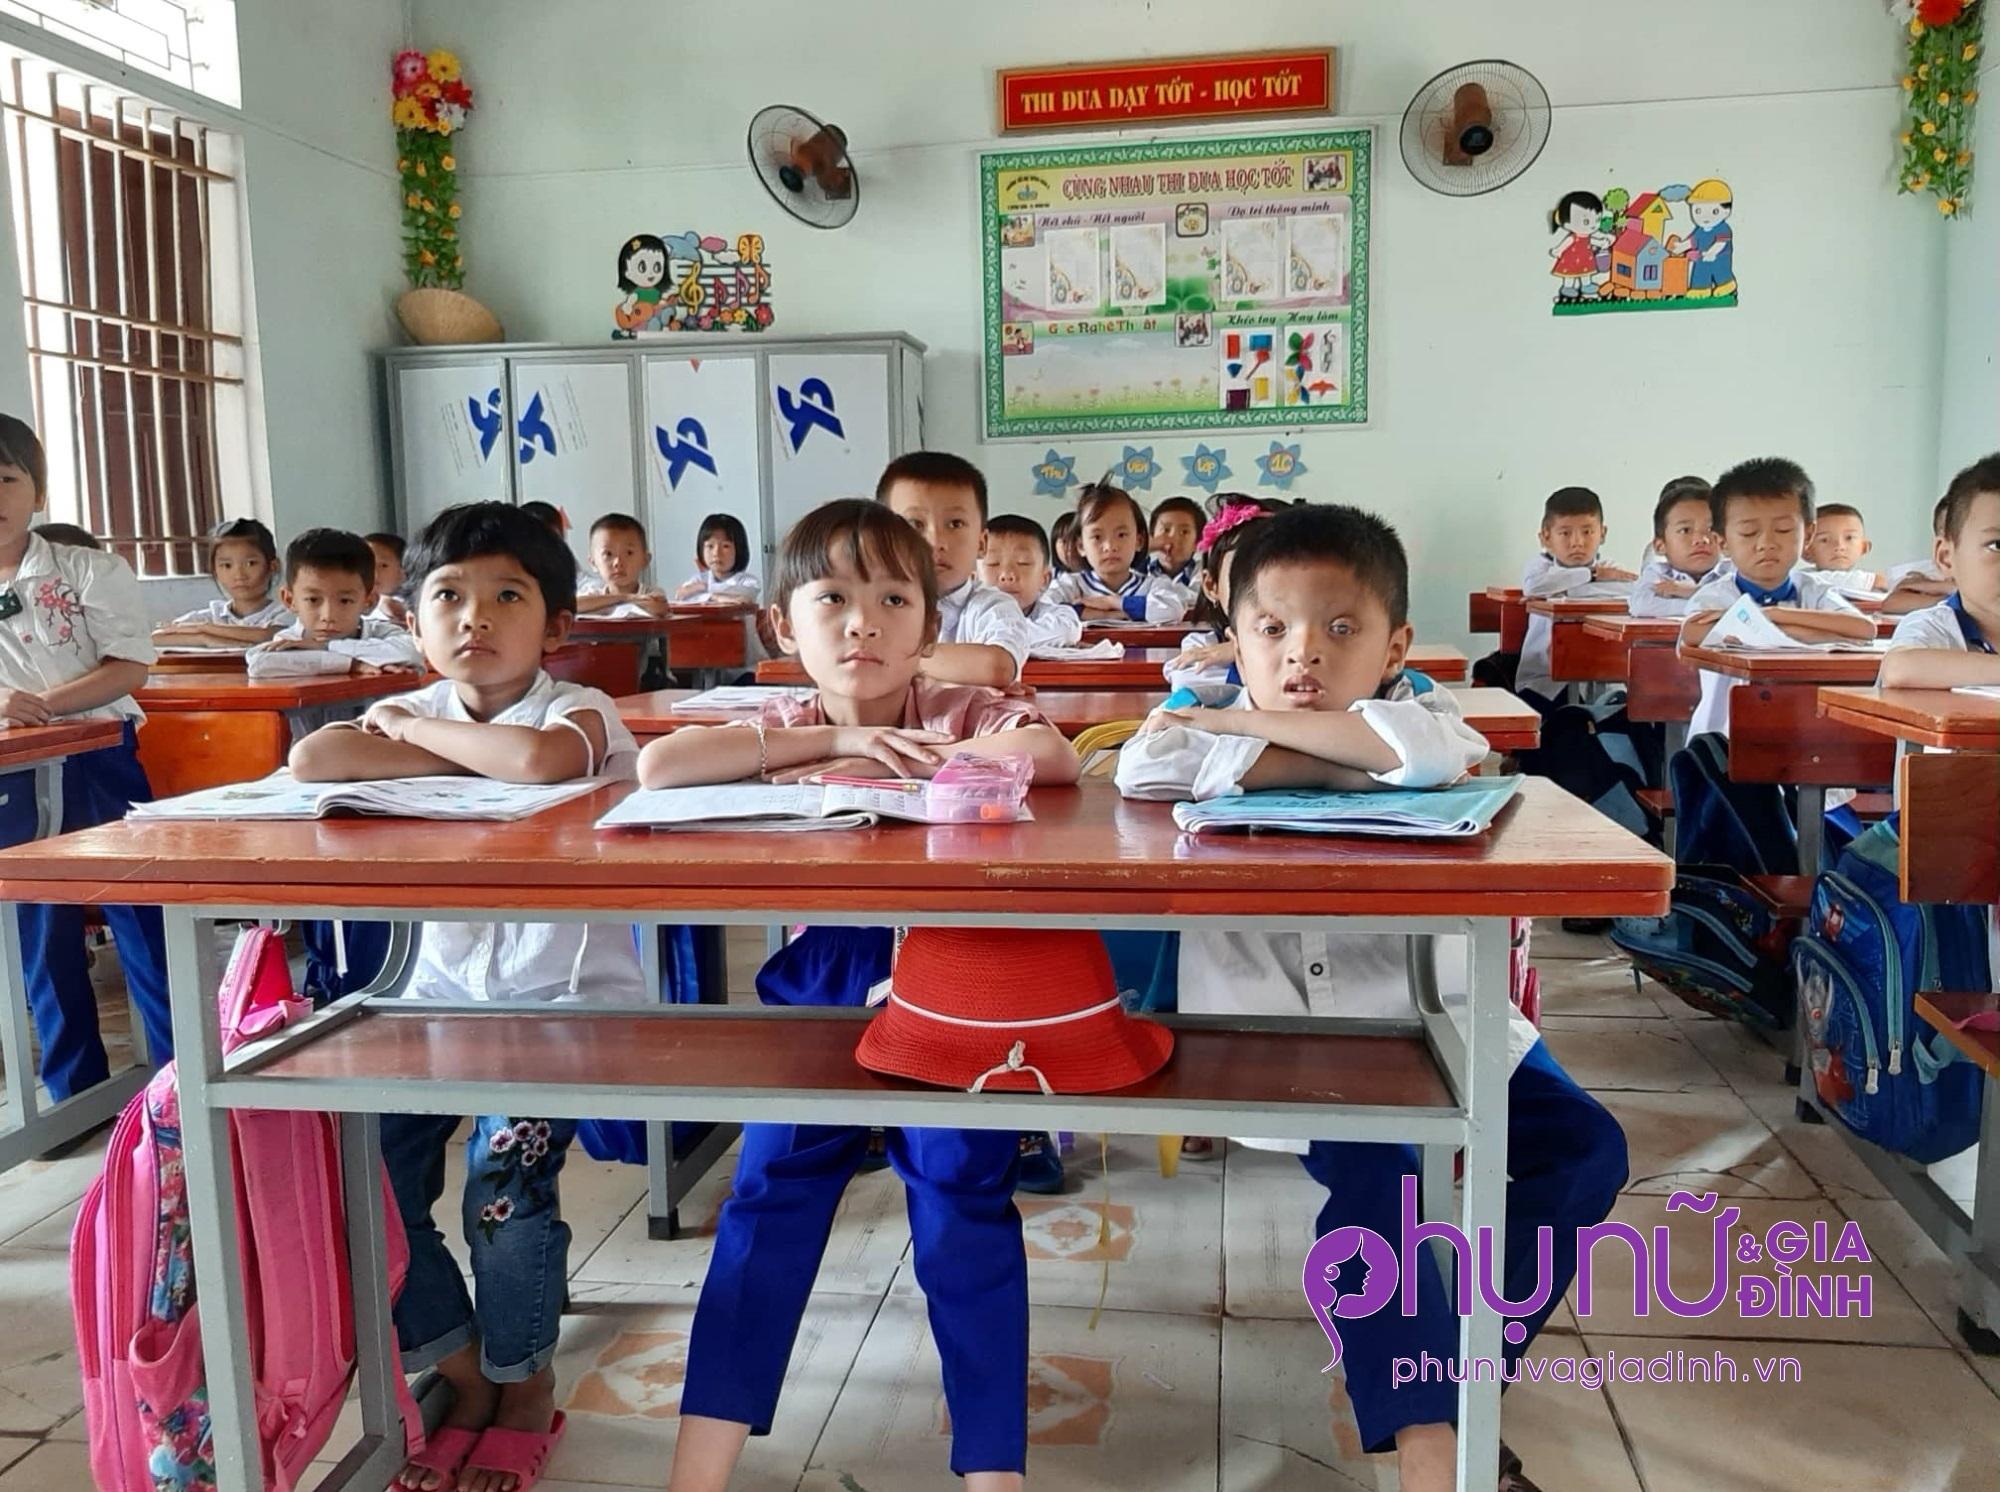 Nghị lực sống phi thường và khát vọng đến trường của cậu bé 6 tuổi có đôi mắt chỉ nhìn thấy 2% ánh sáng - Ảnh 5